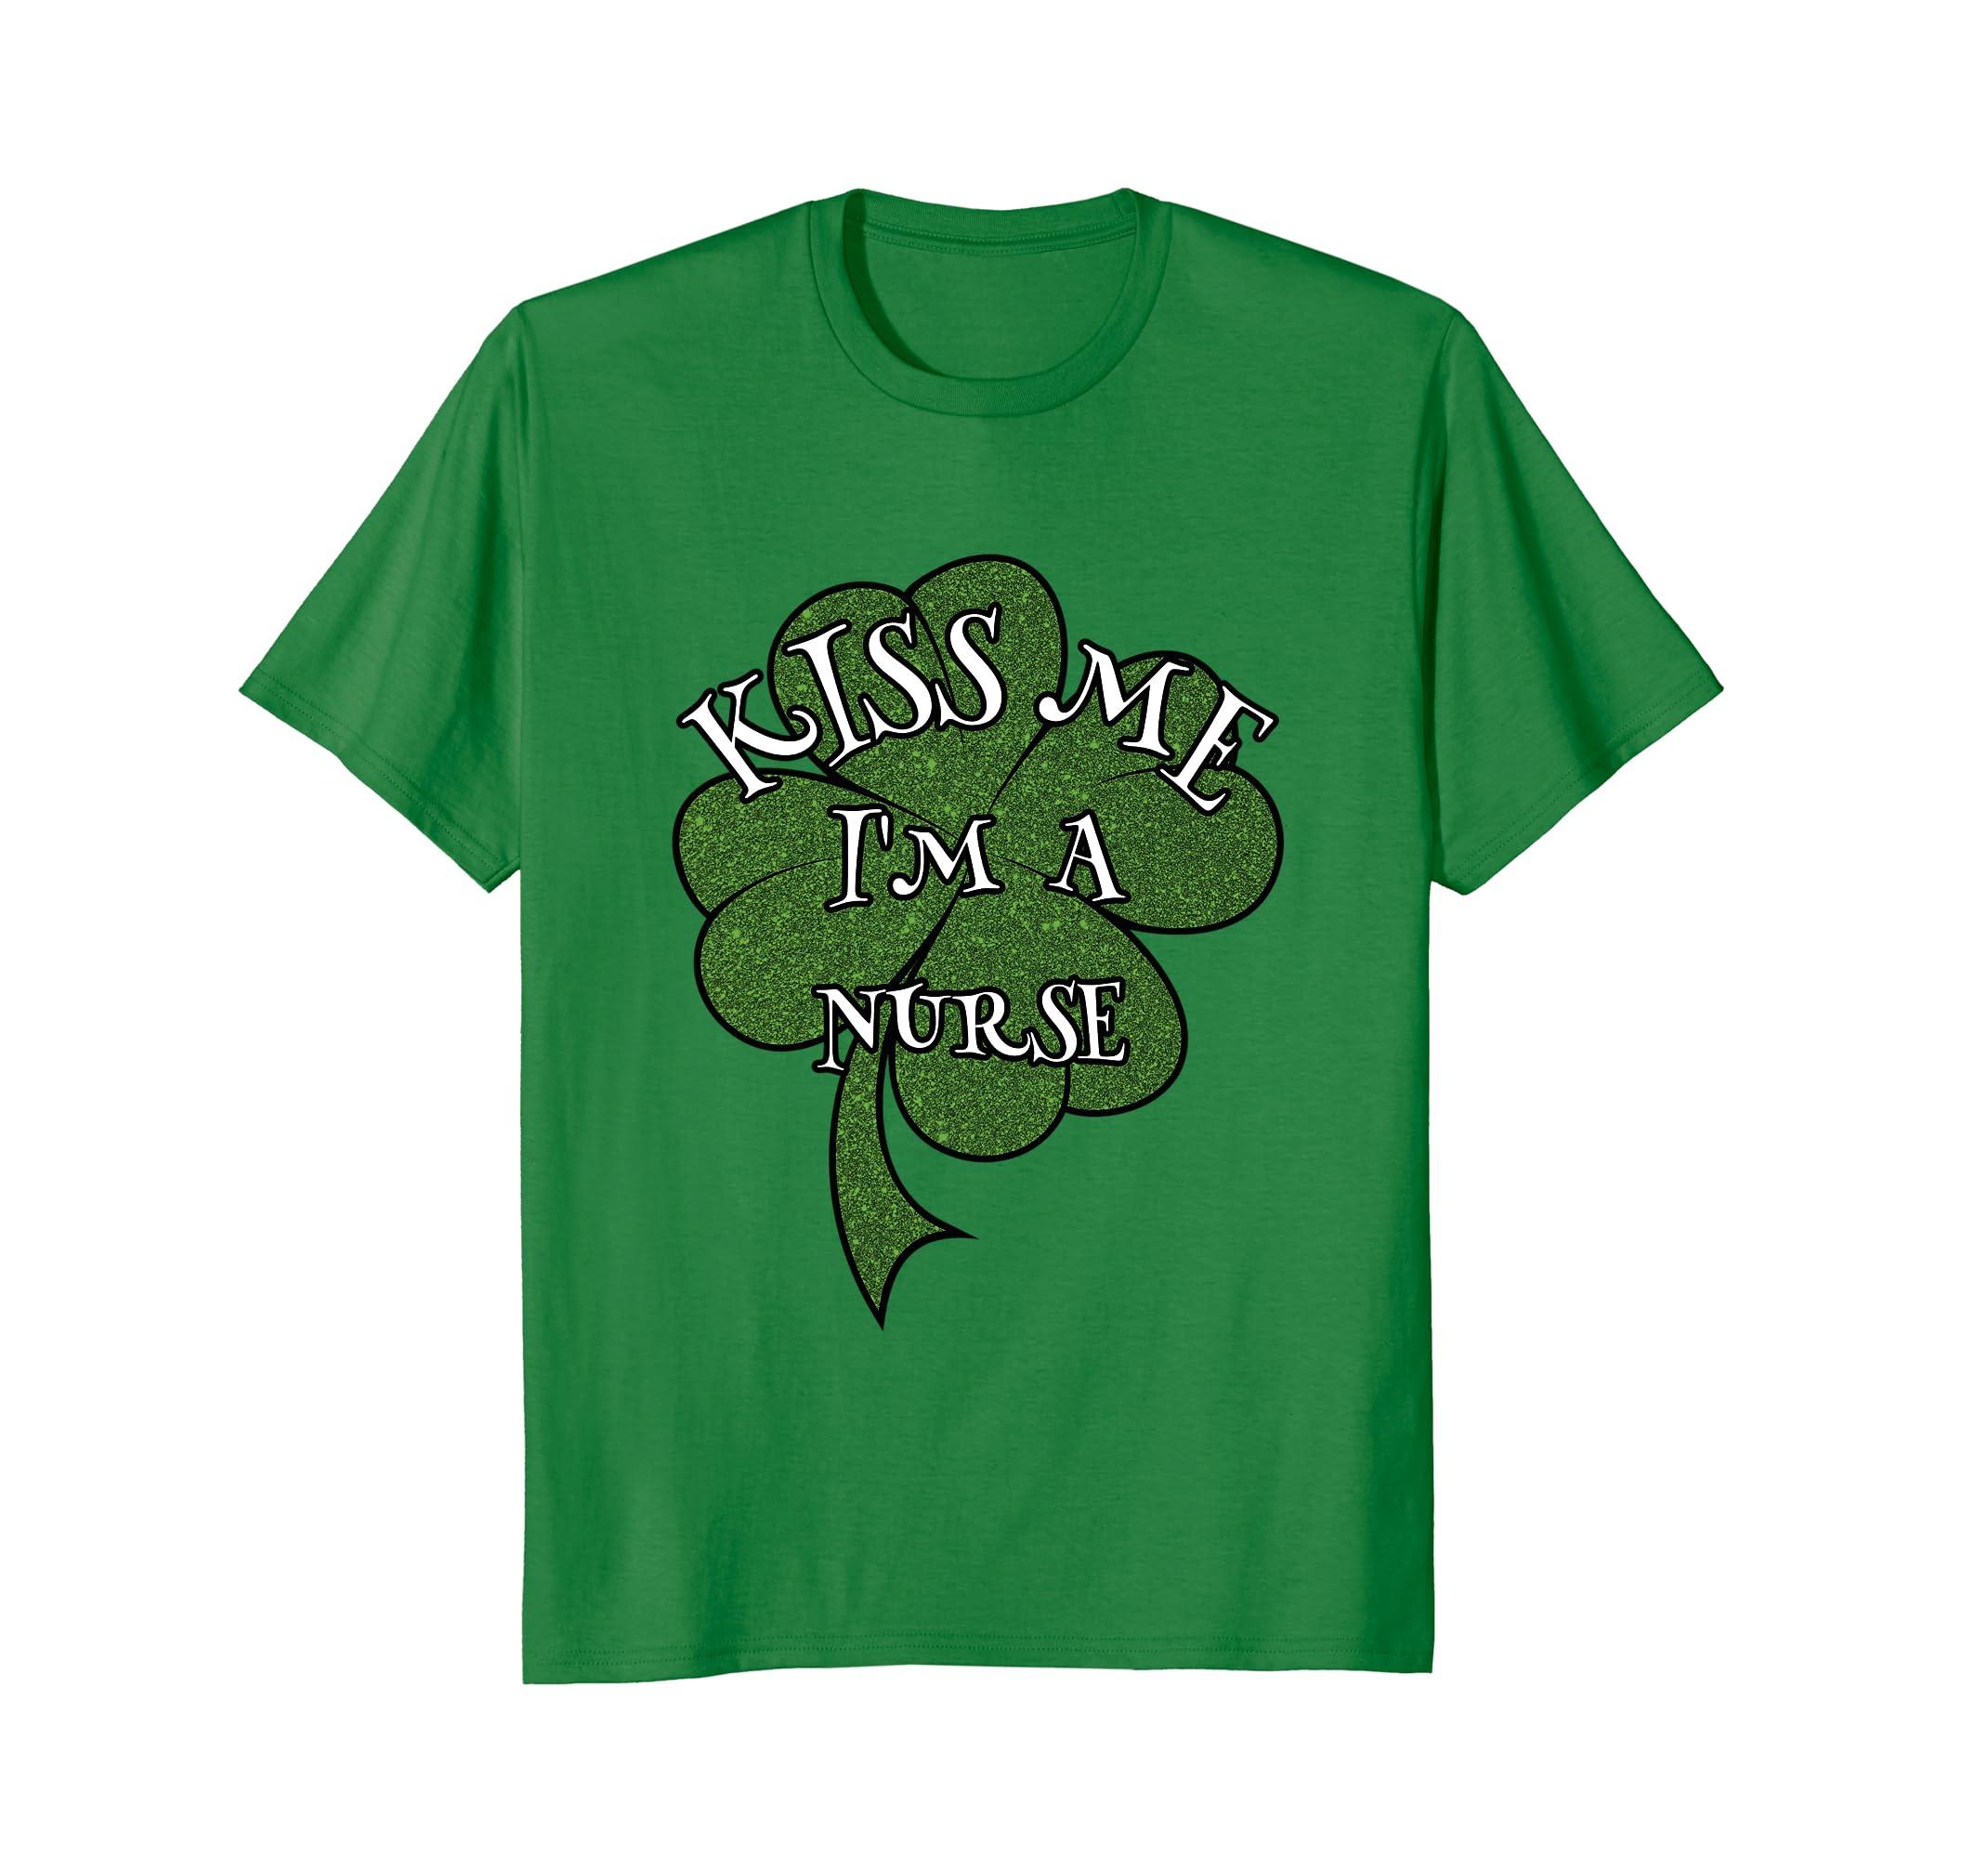 saint patricks day tee shirt